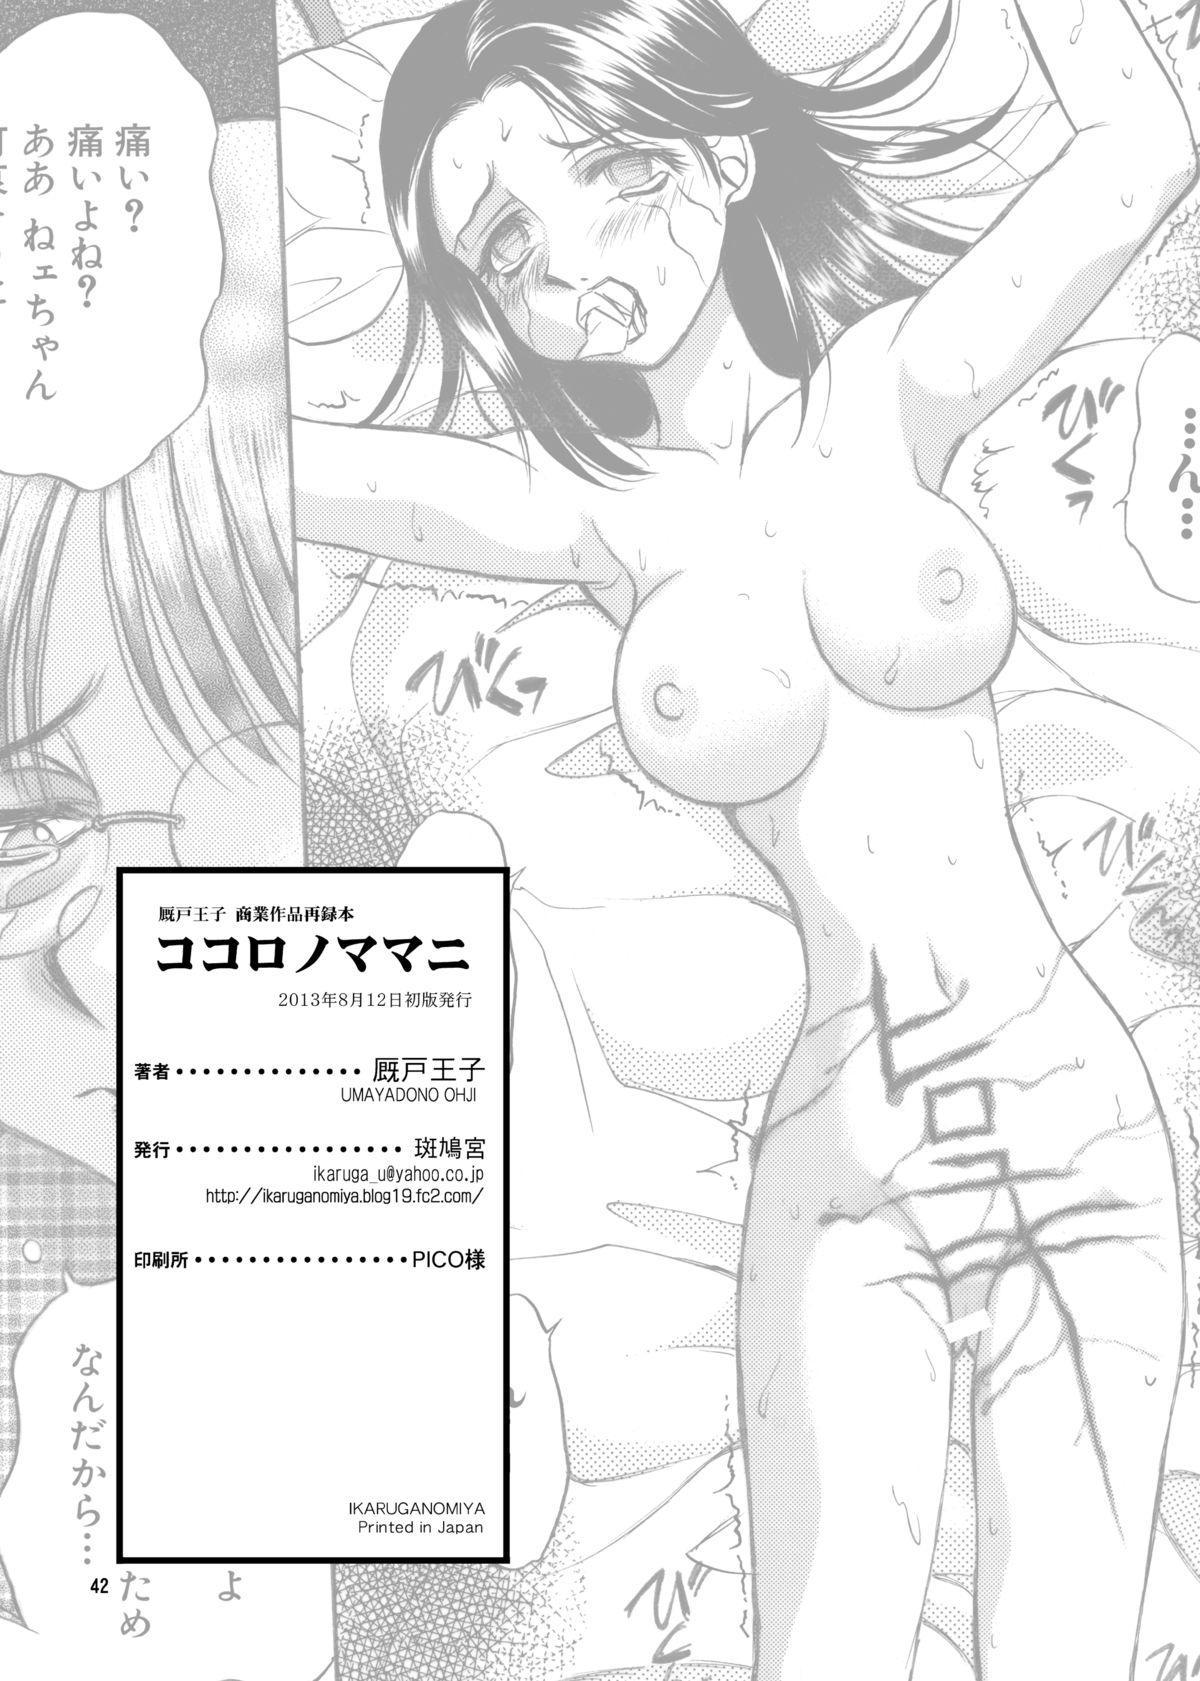 ココロノママニ 厩戸王子商業作品再録本 40